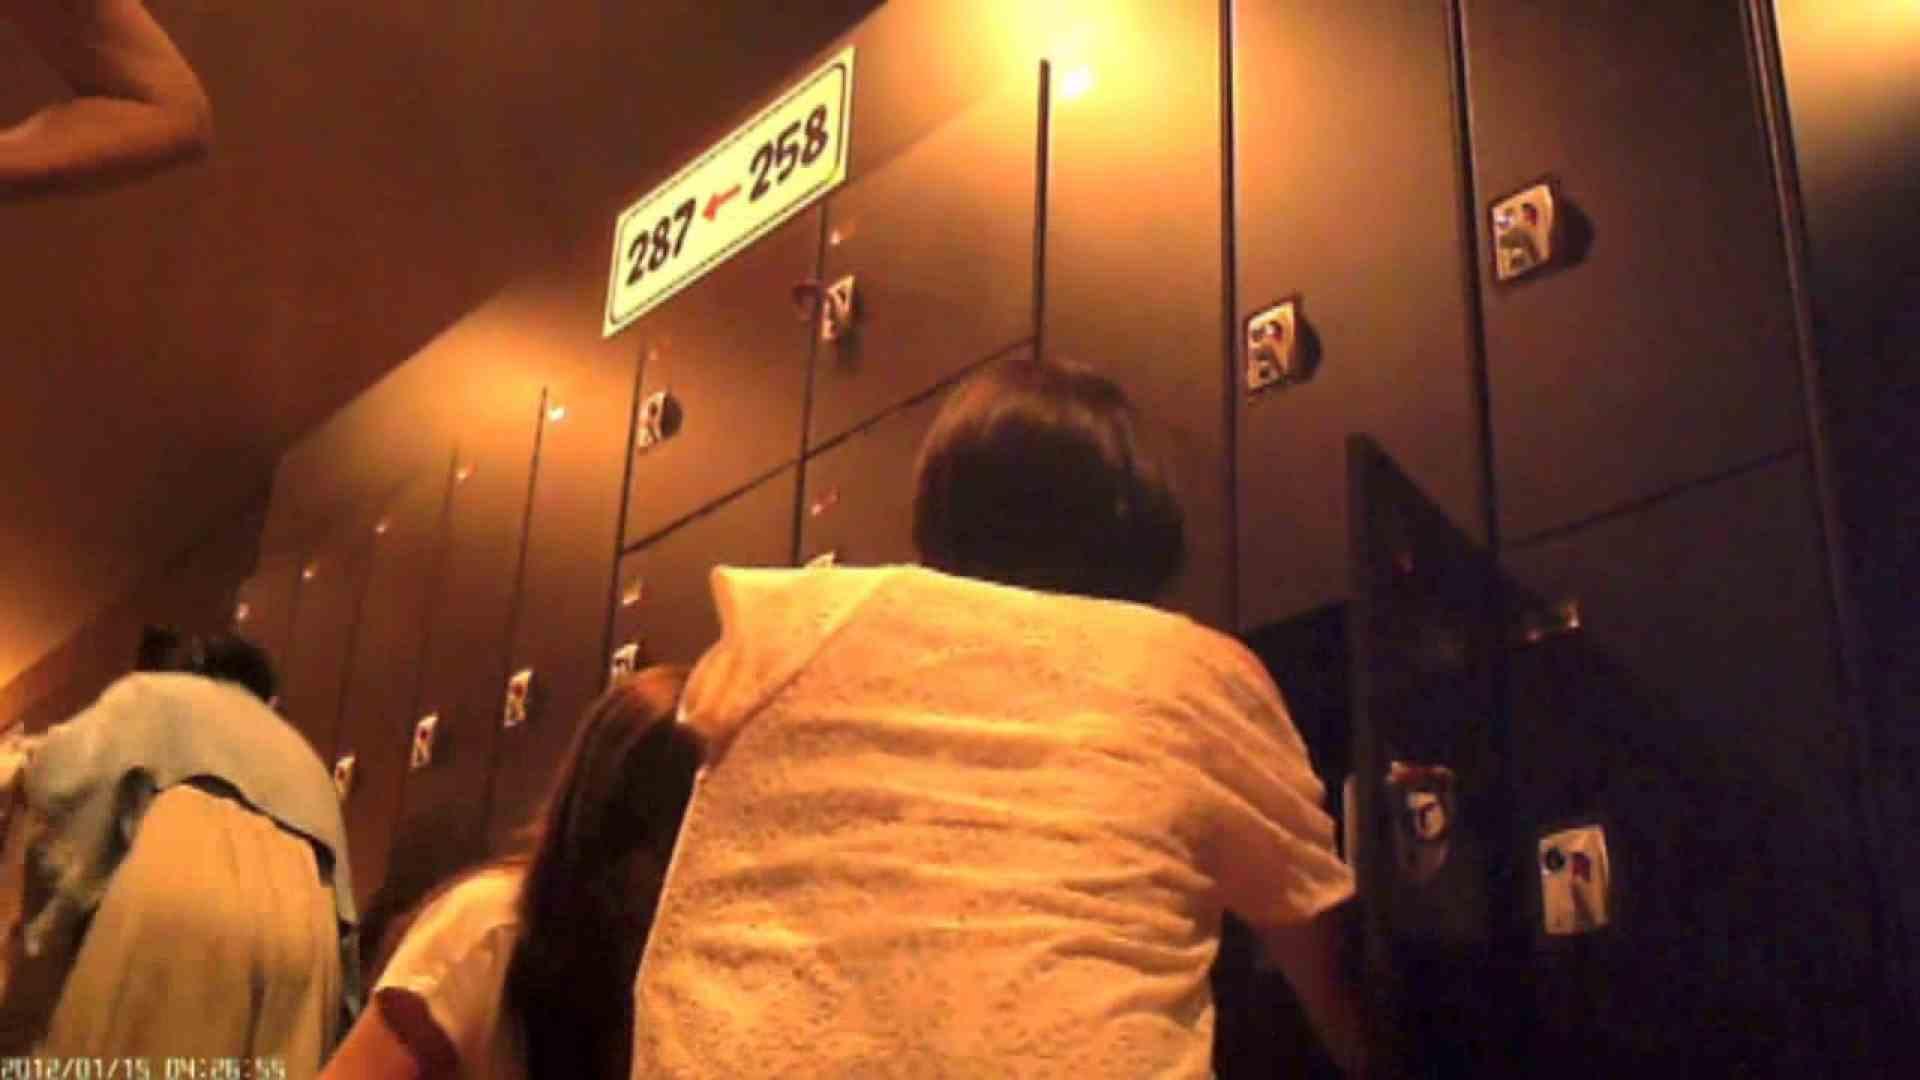 現役ギャル盗撮師 hana様の女風呂潜入撮!Vol.5 盗撮師作品 のぞき動画画像 73pic 31